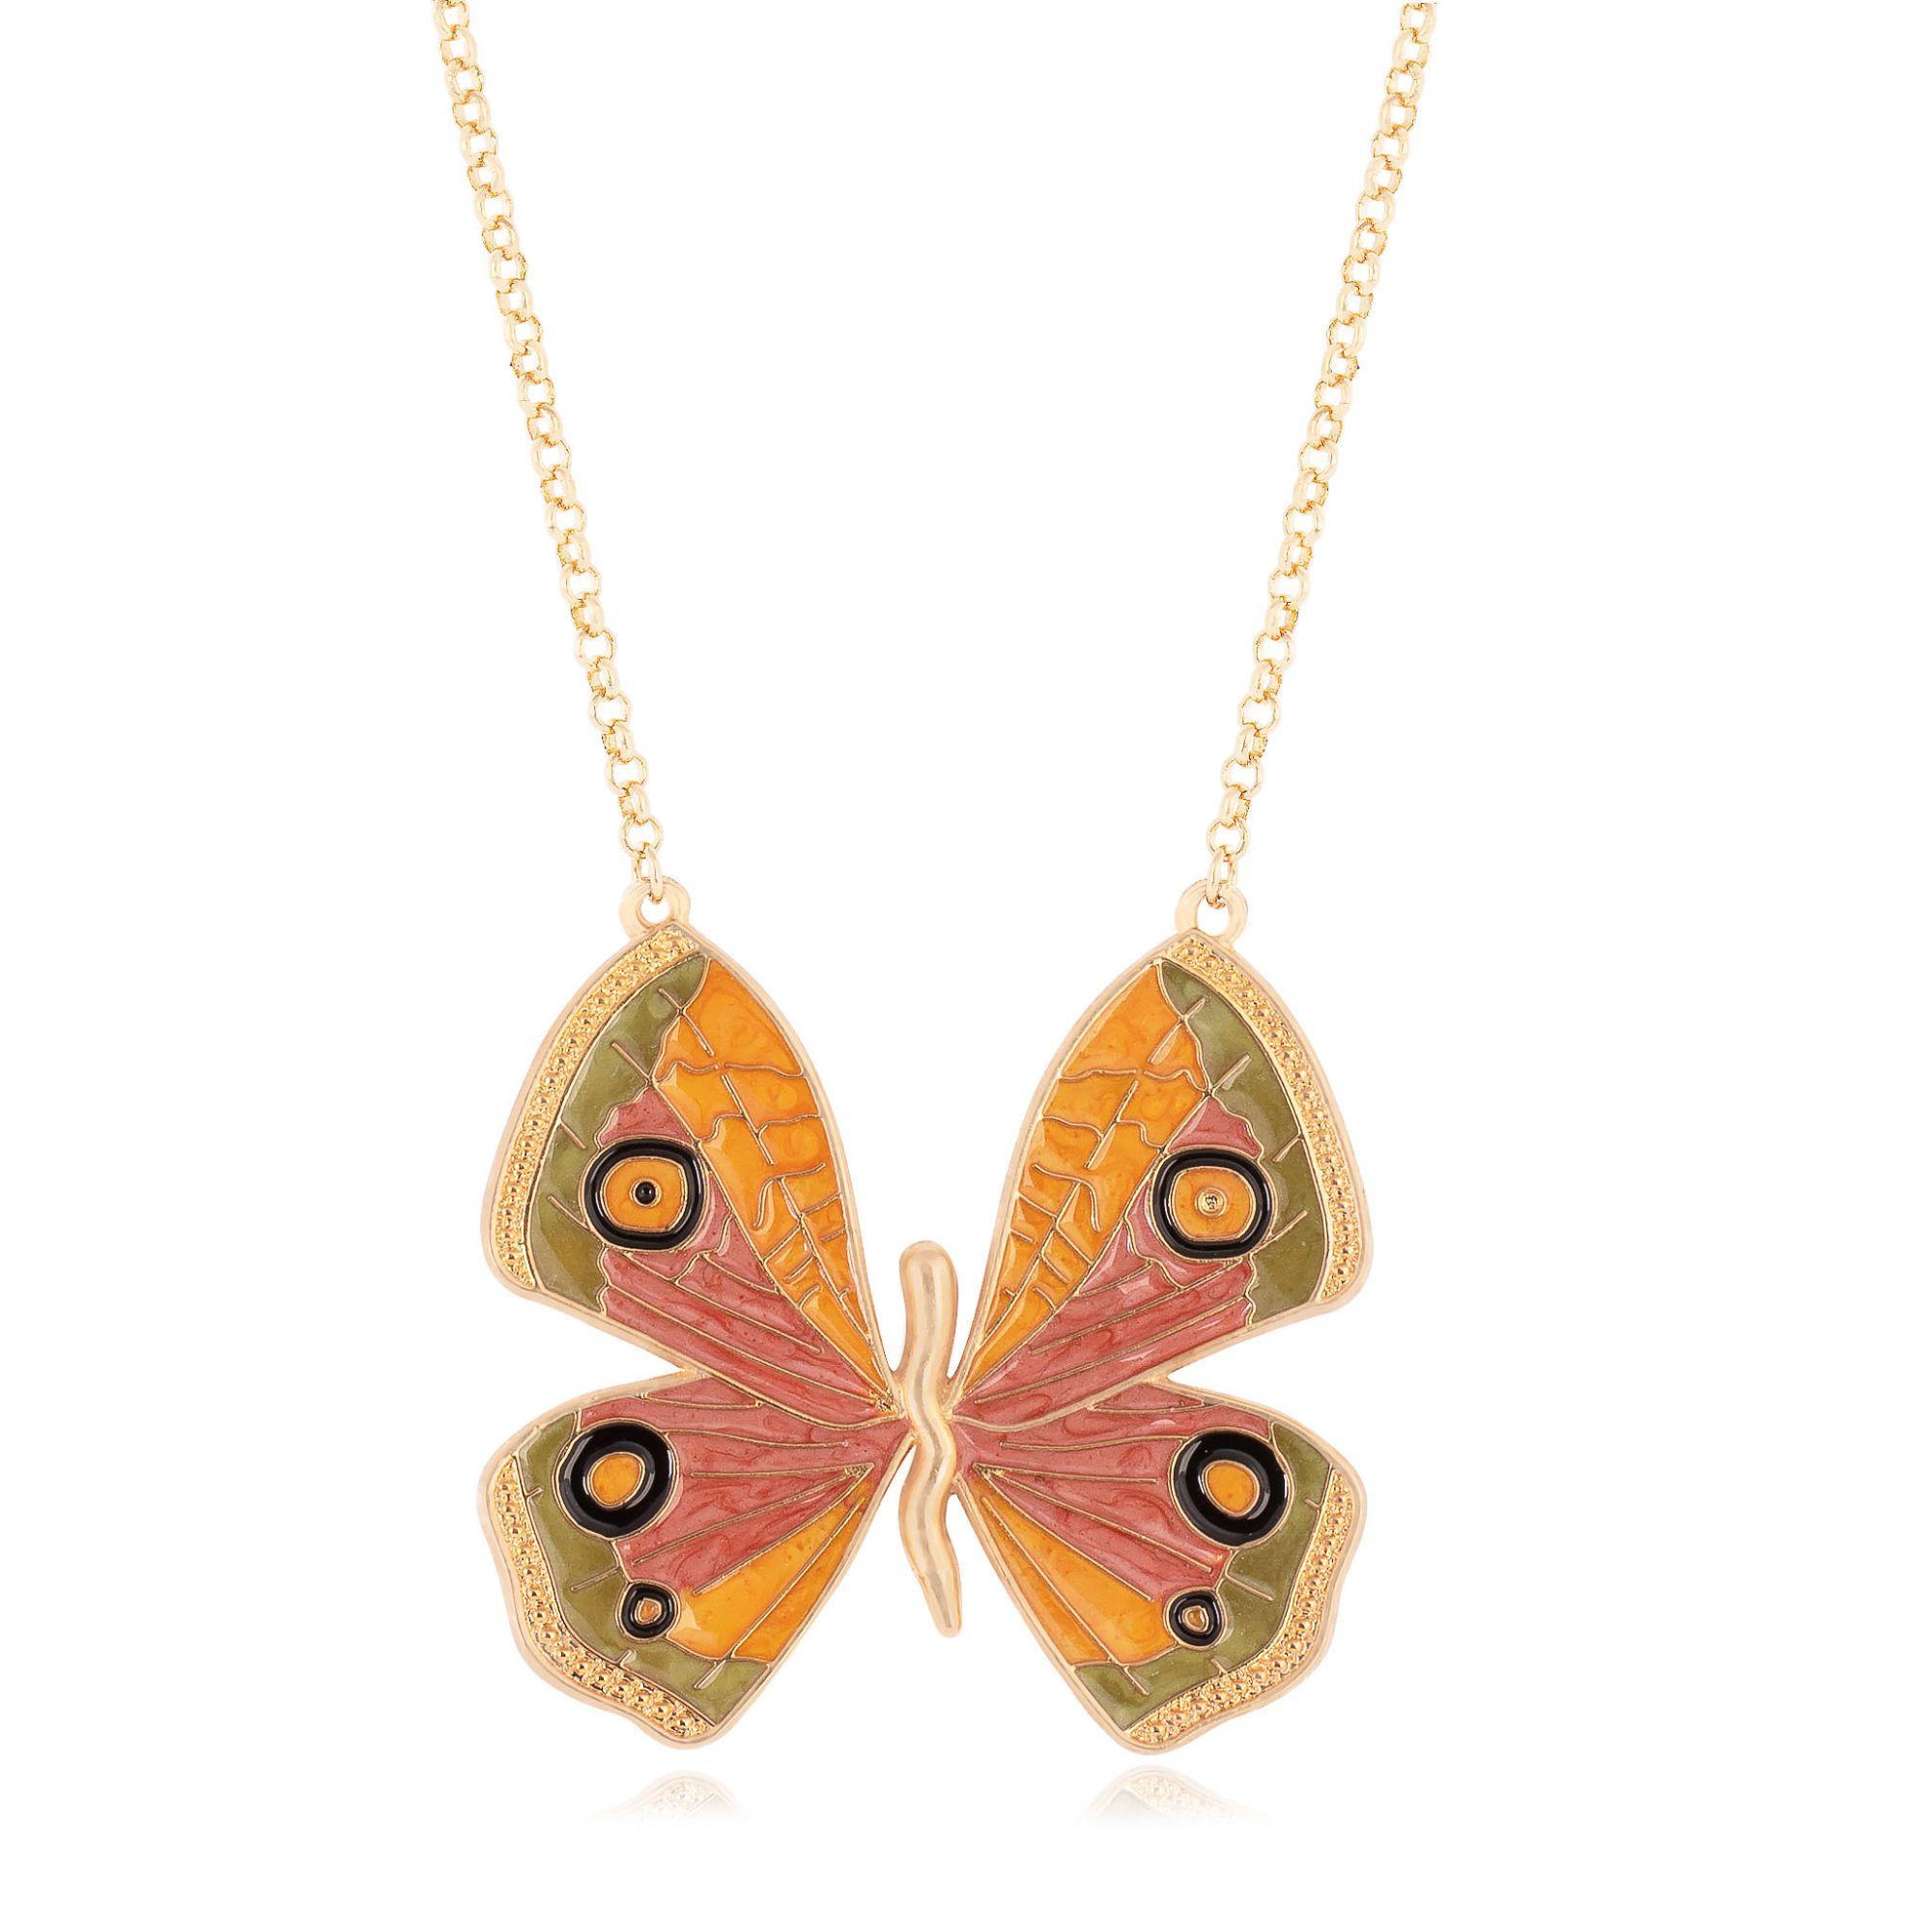 Colar borboleta banhado a ouro 18k resinado em amarelo, terracota e verde.  - romabrazil.com.br